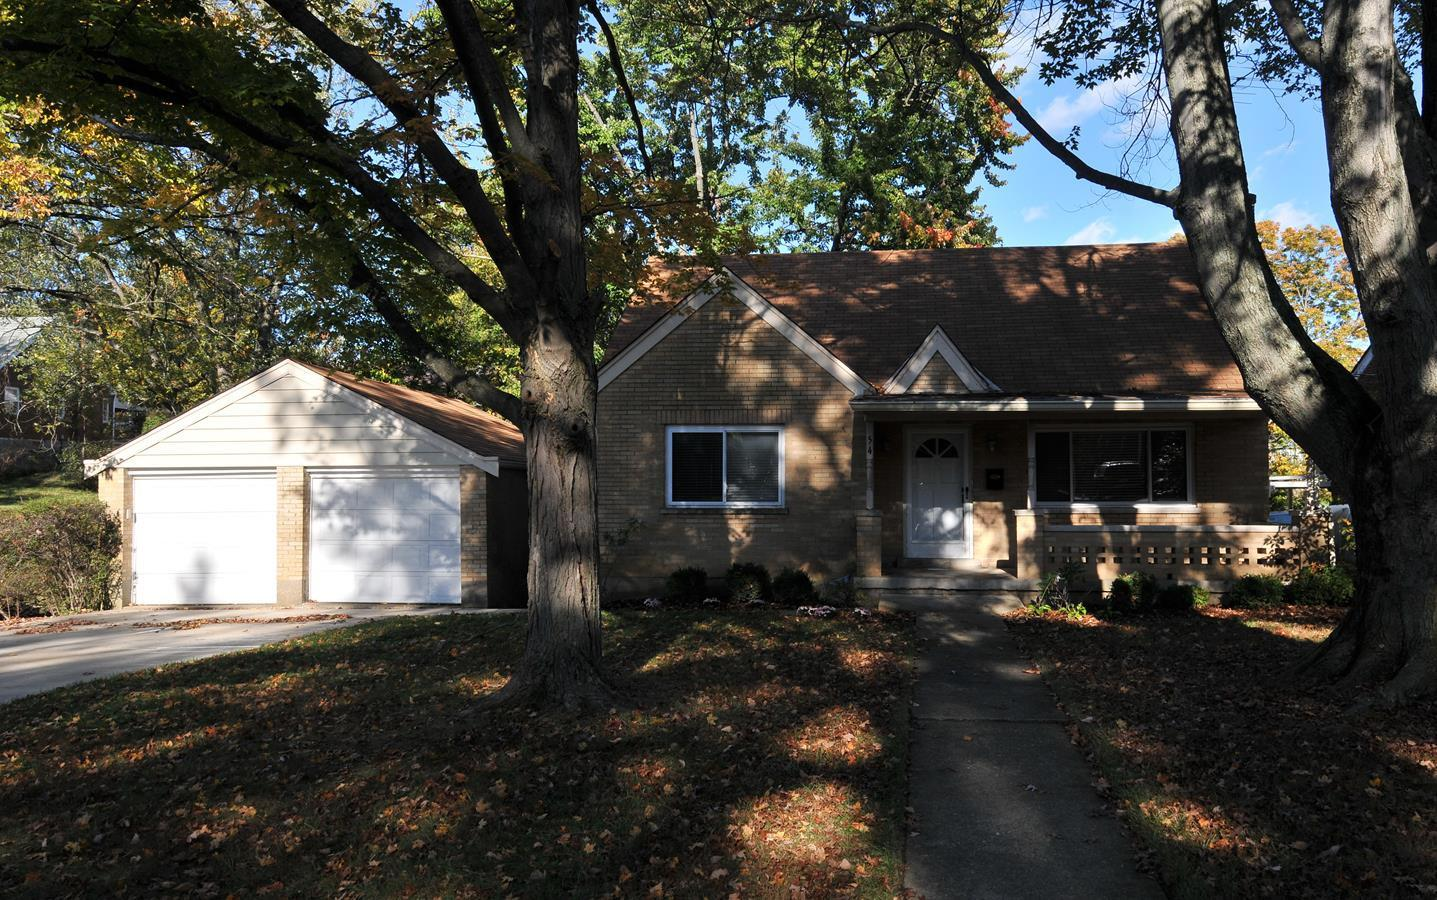 54 Linwood Ave, Erlanger, KY 41018